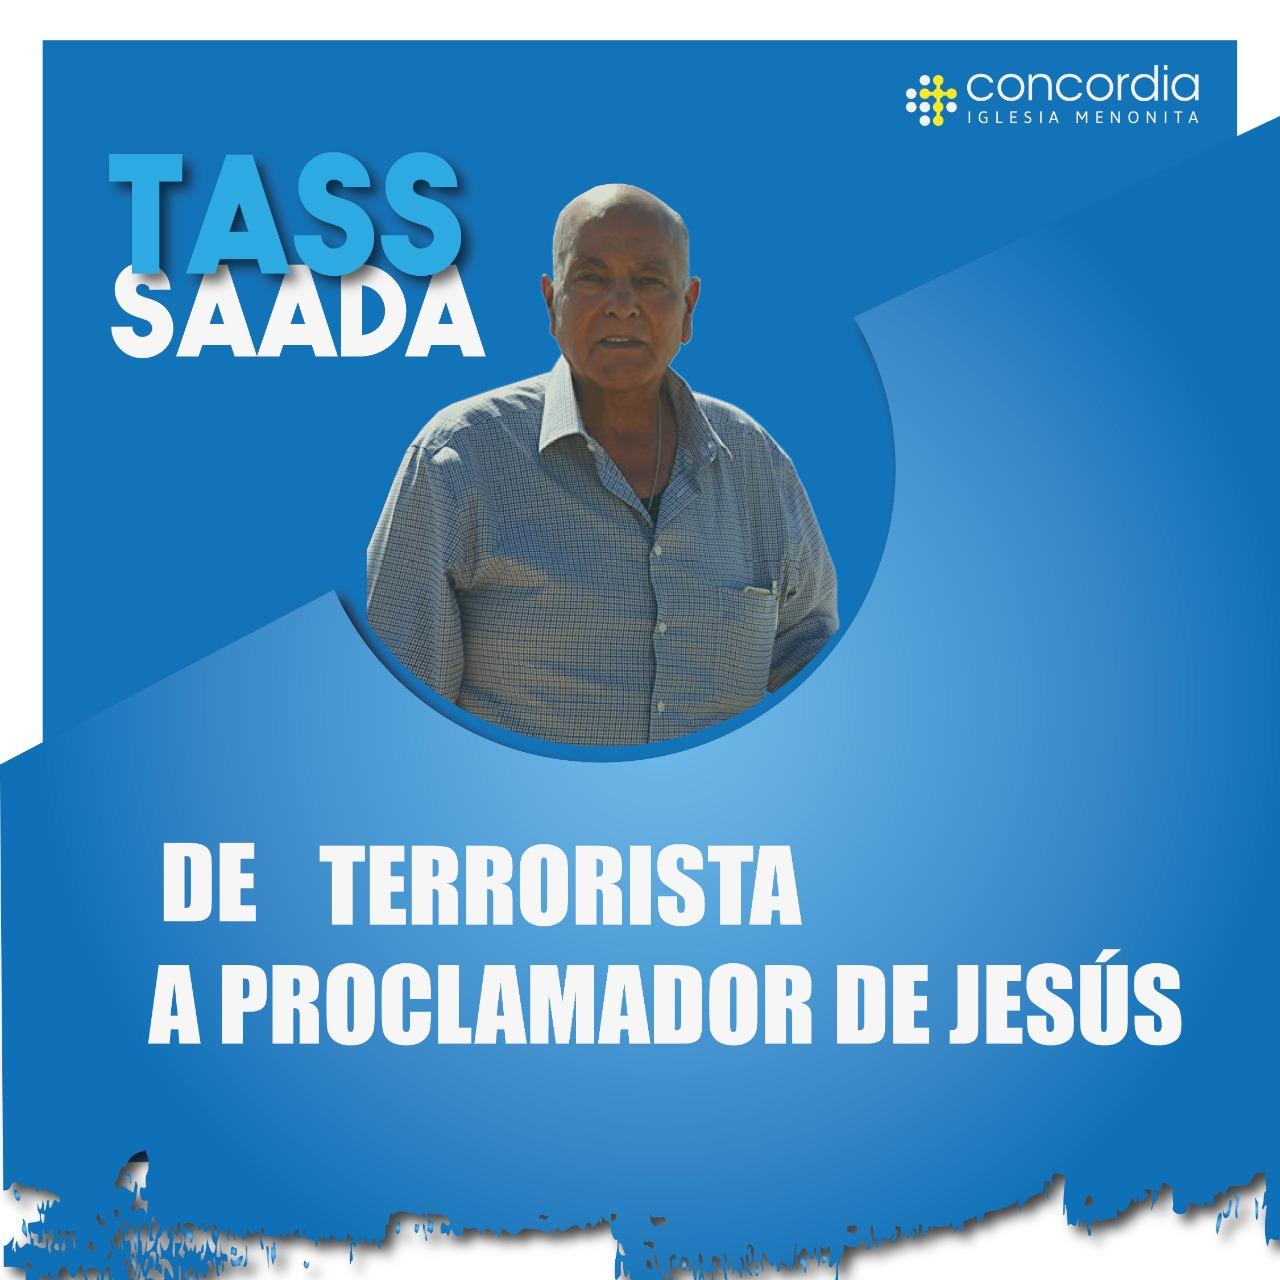 De Terrorista a Proclamador de Jesús - Orador: Tass Saada